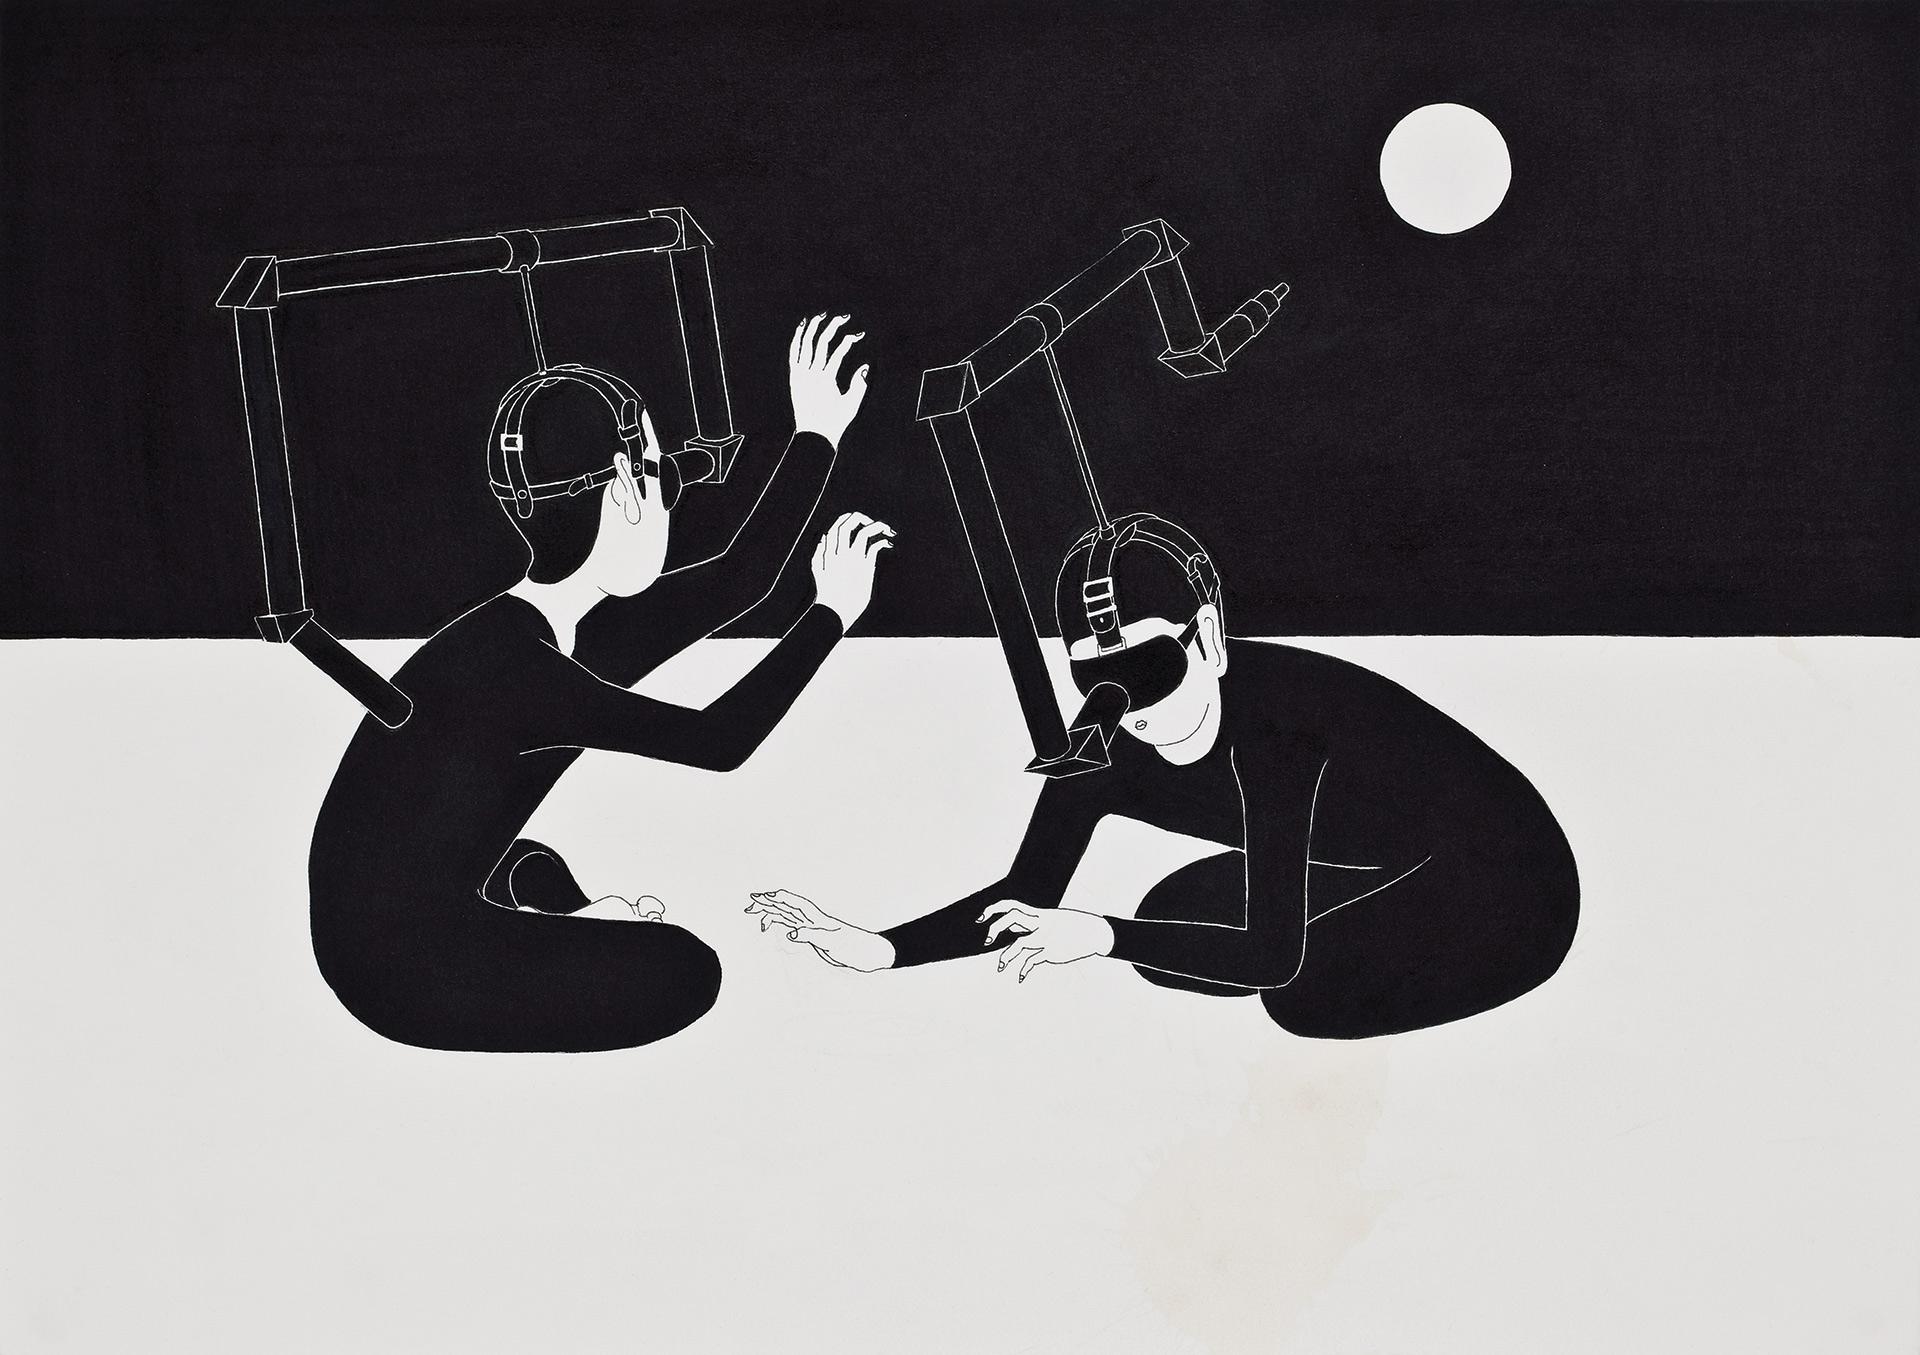 인칭기계  / I can see you!   Op.0044P -42 x 29.7 cm,종이에 펜, 마커 / Pigment liner and marker on paper, 2010